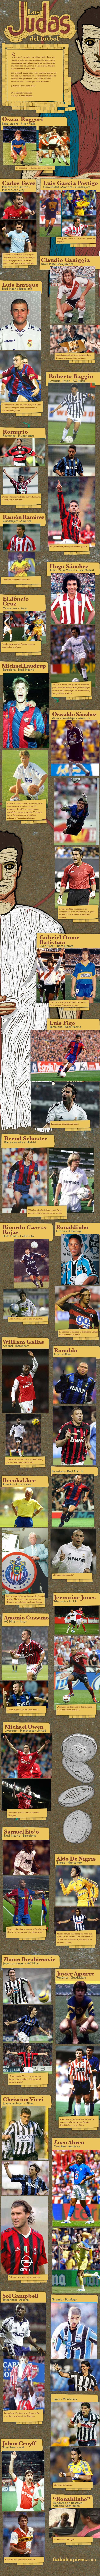 Traidores del Fútbol / soccer betrayers